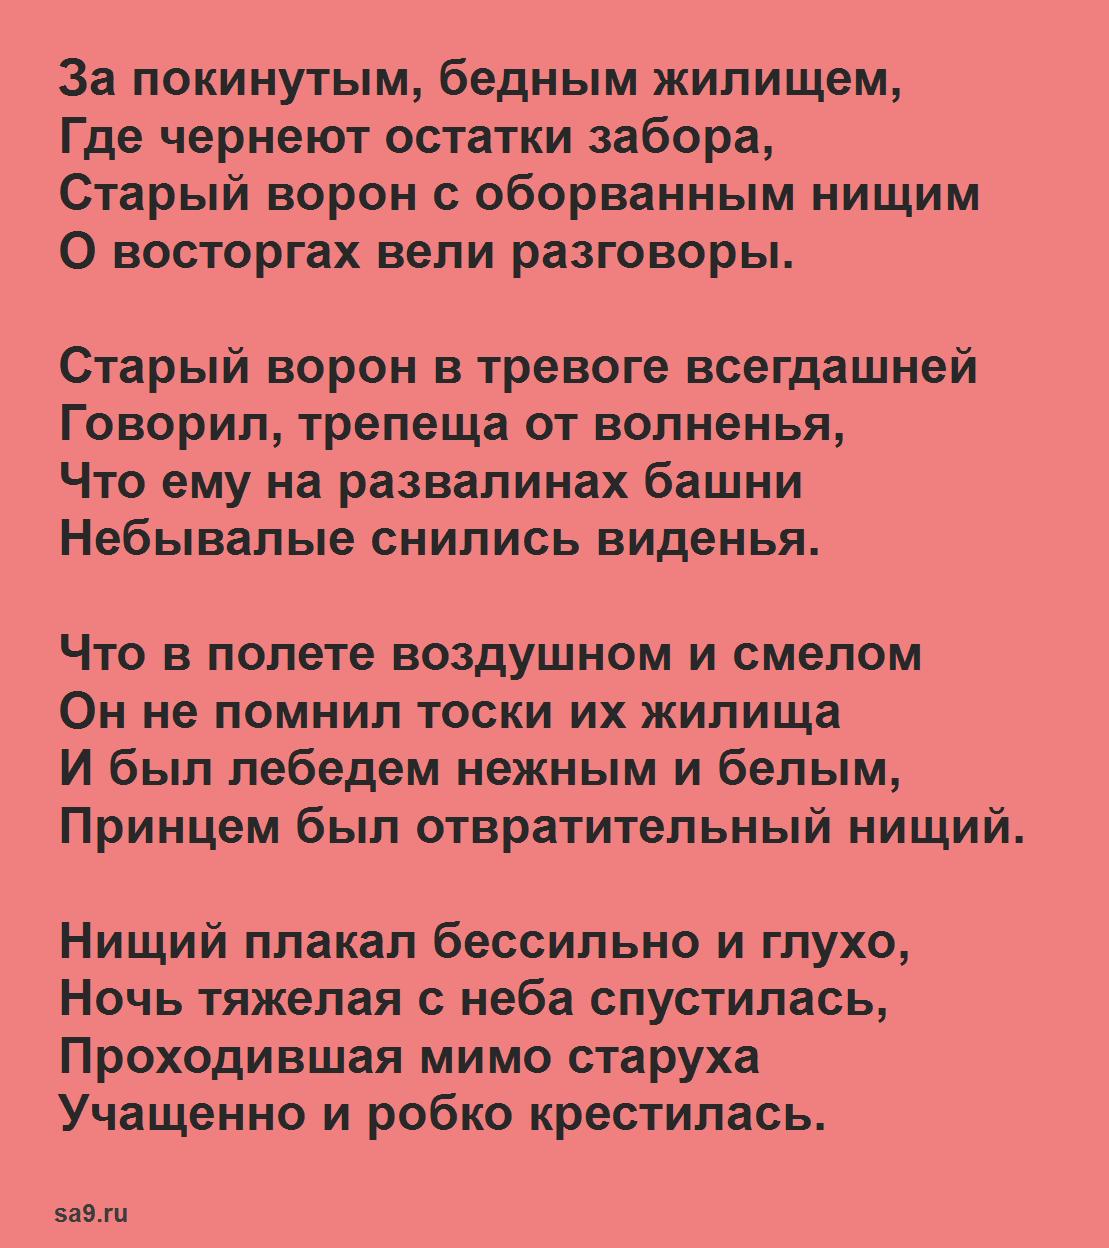 Стихи Гумилева 16 строк - Мечты, которые легко учатся